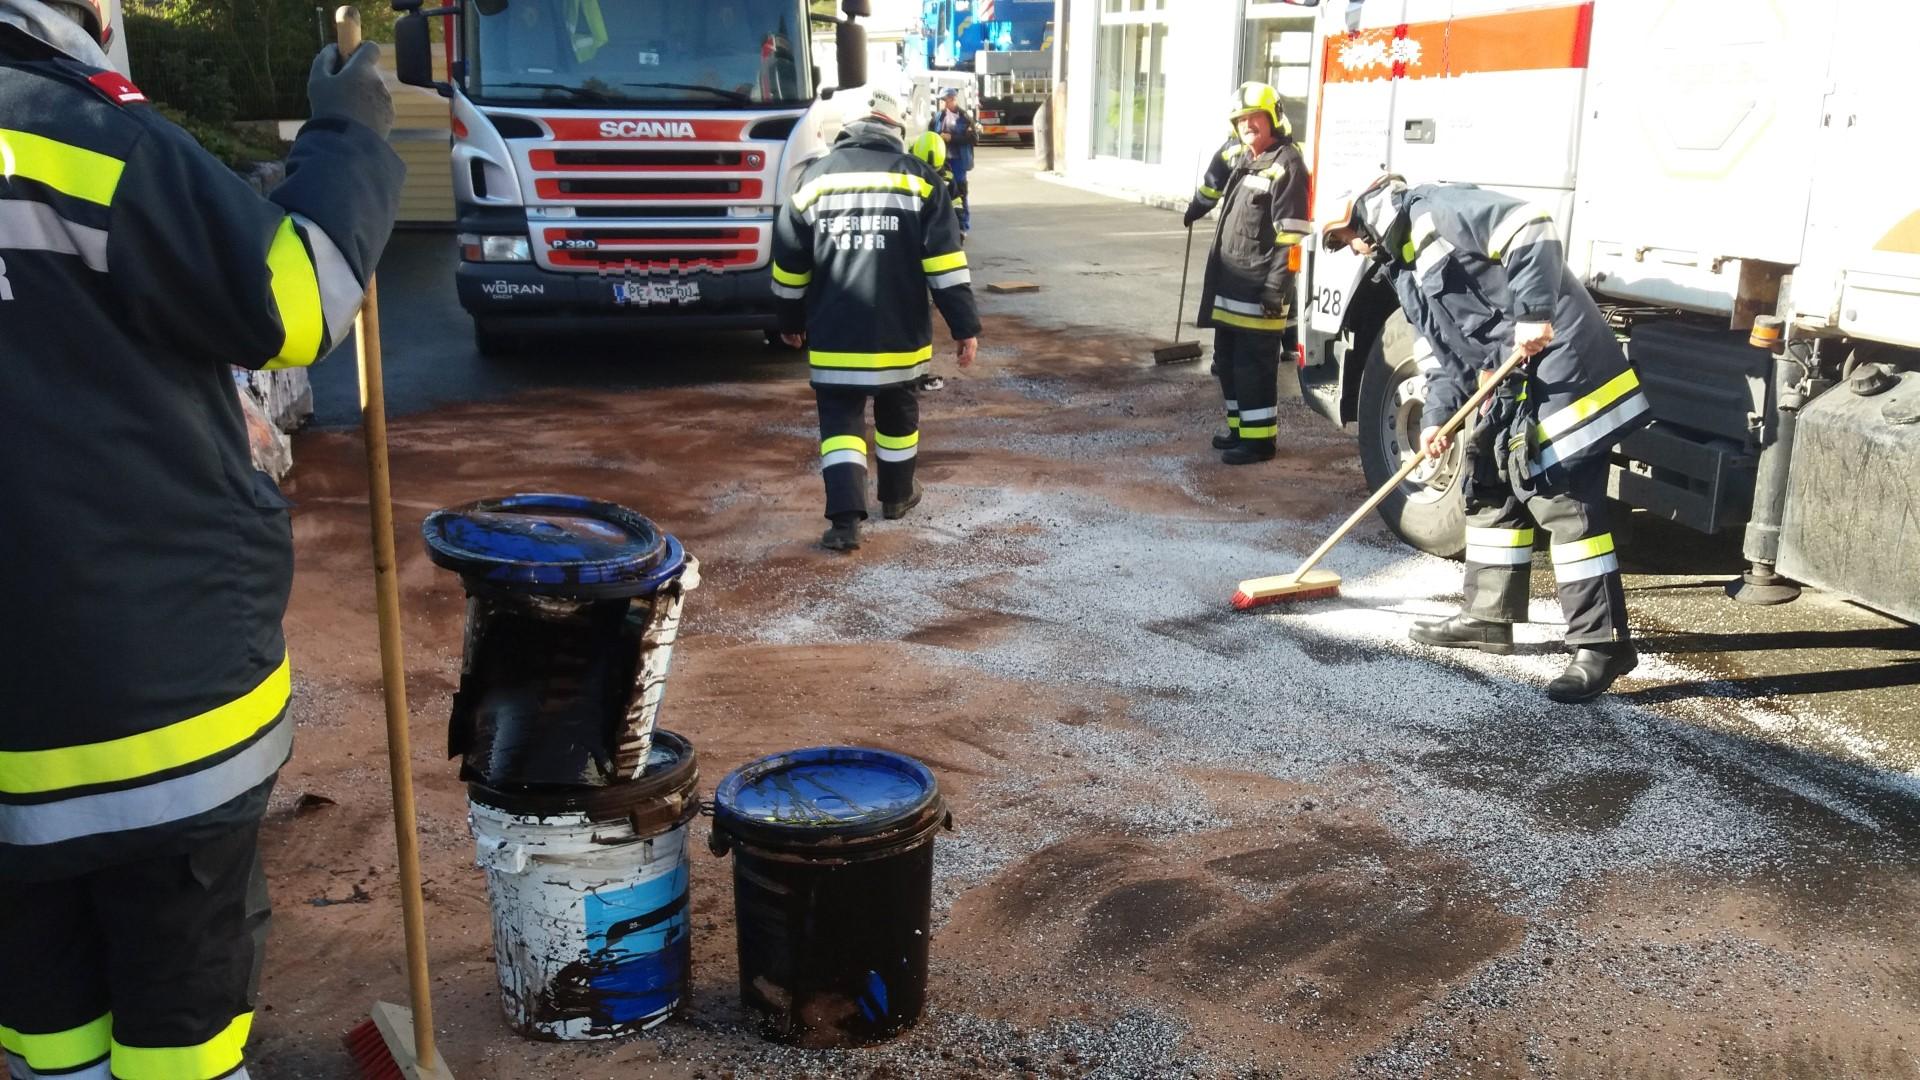 2017.10.09. Schadstoffeinsatz S2 in Yspertal (3)